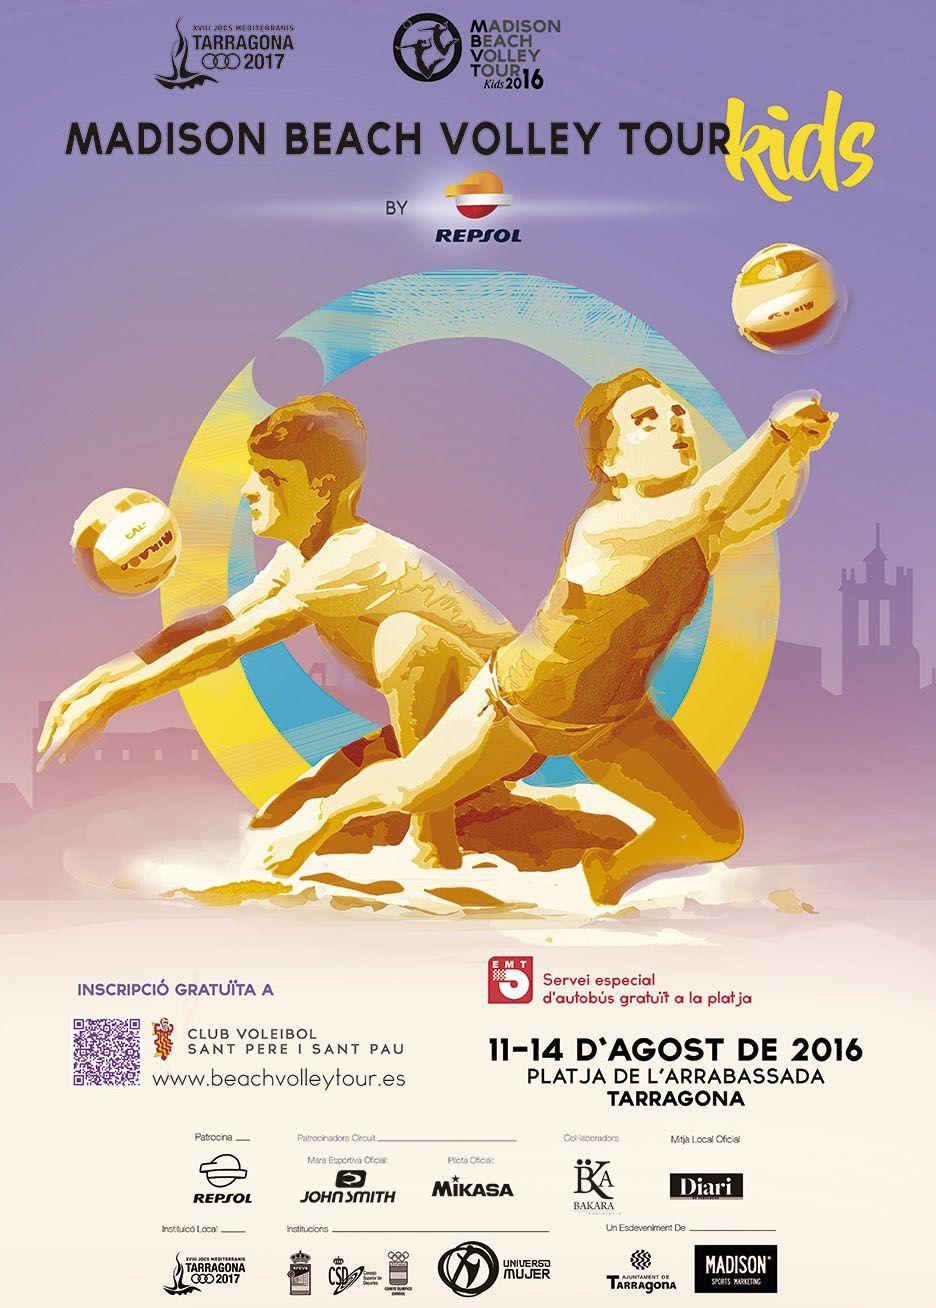 CartelMBVT2016_KIDS-Tarragona